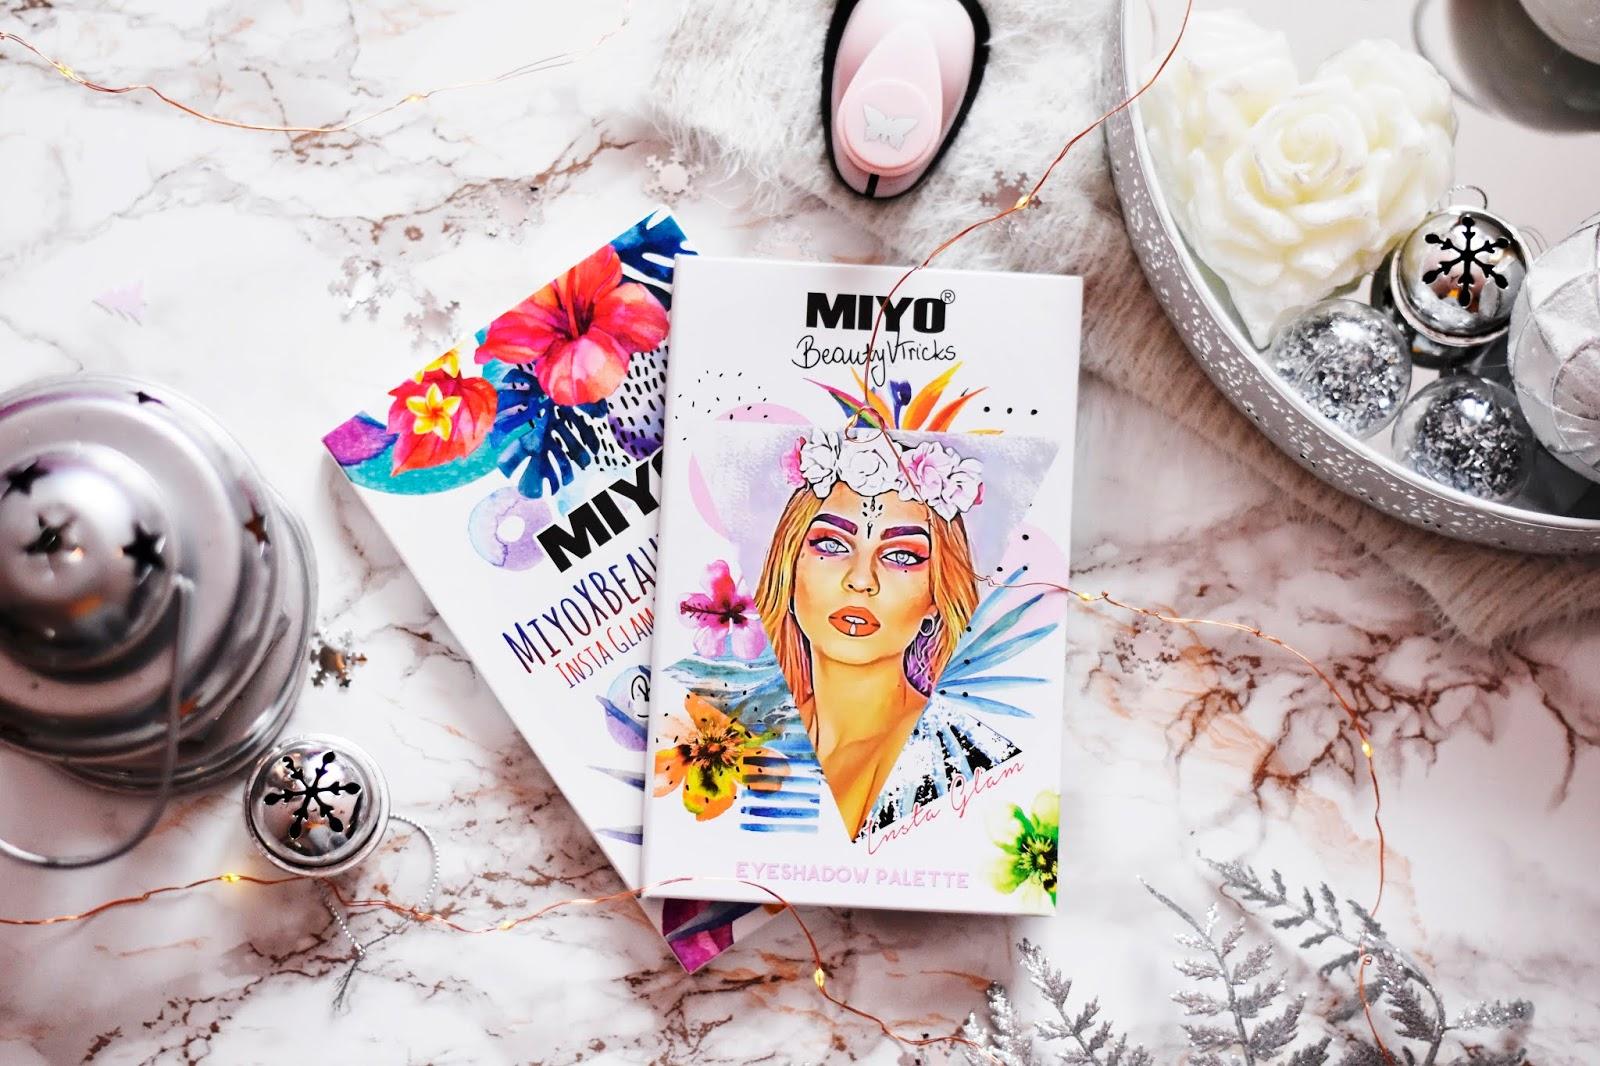 Miyo beautyvtricks insta glam recenzja